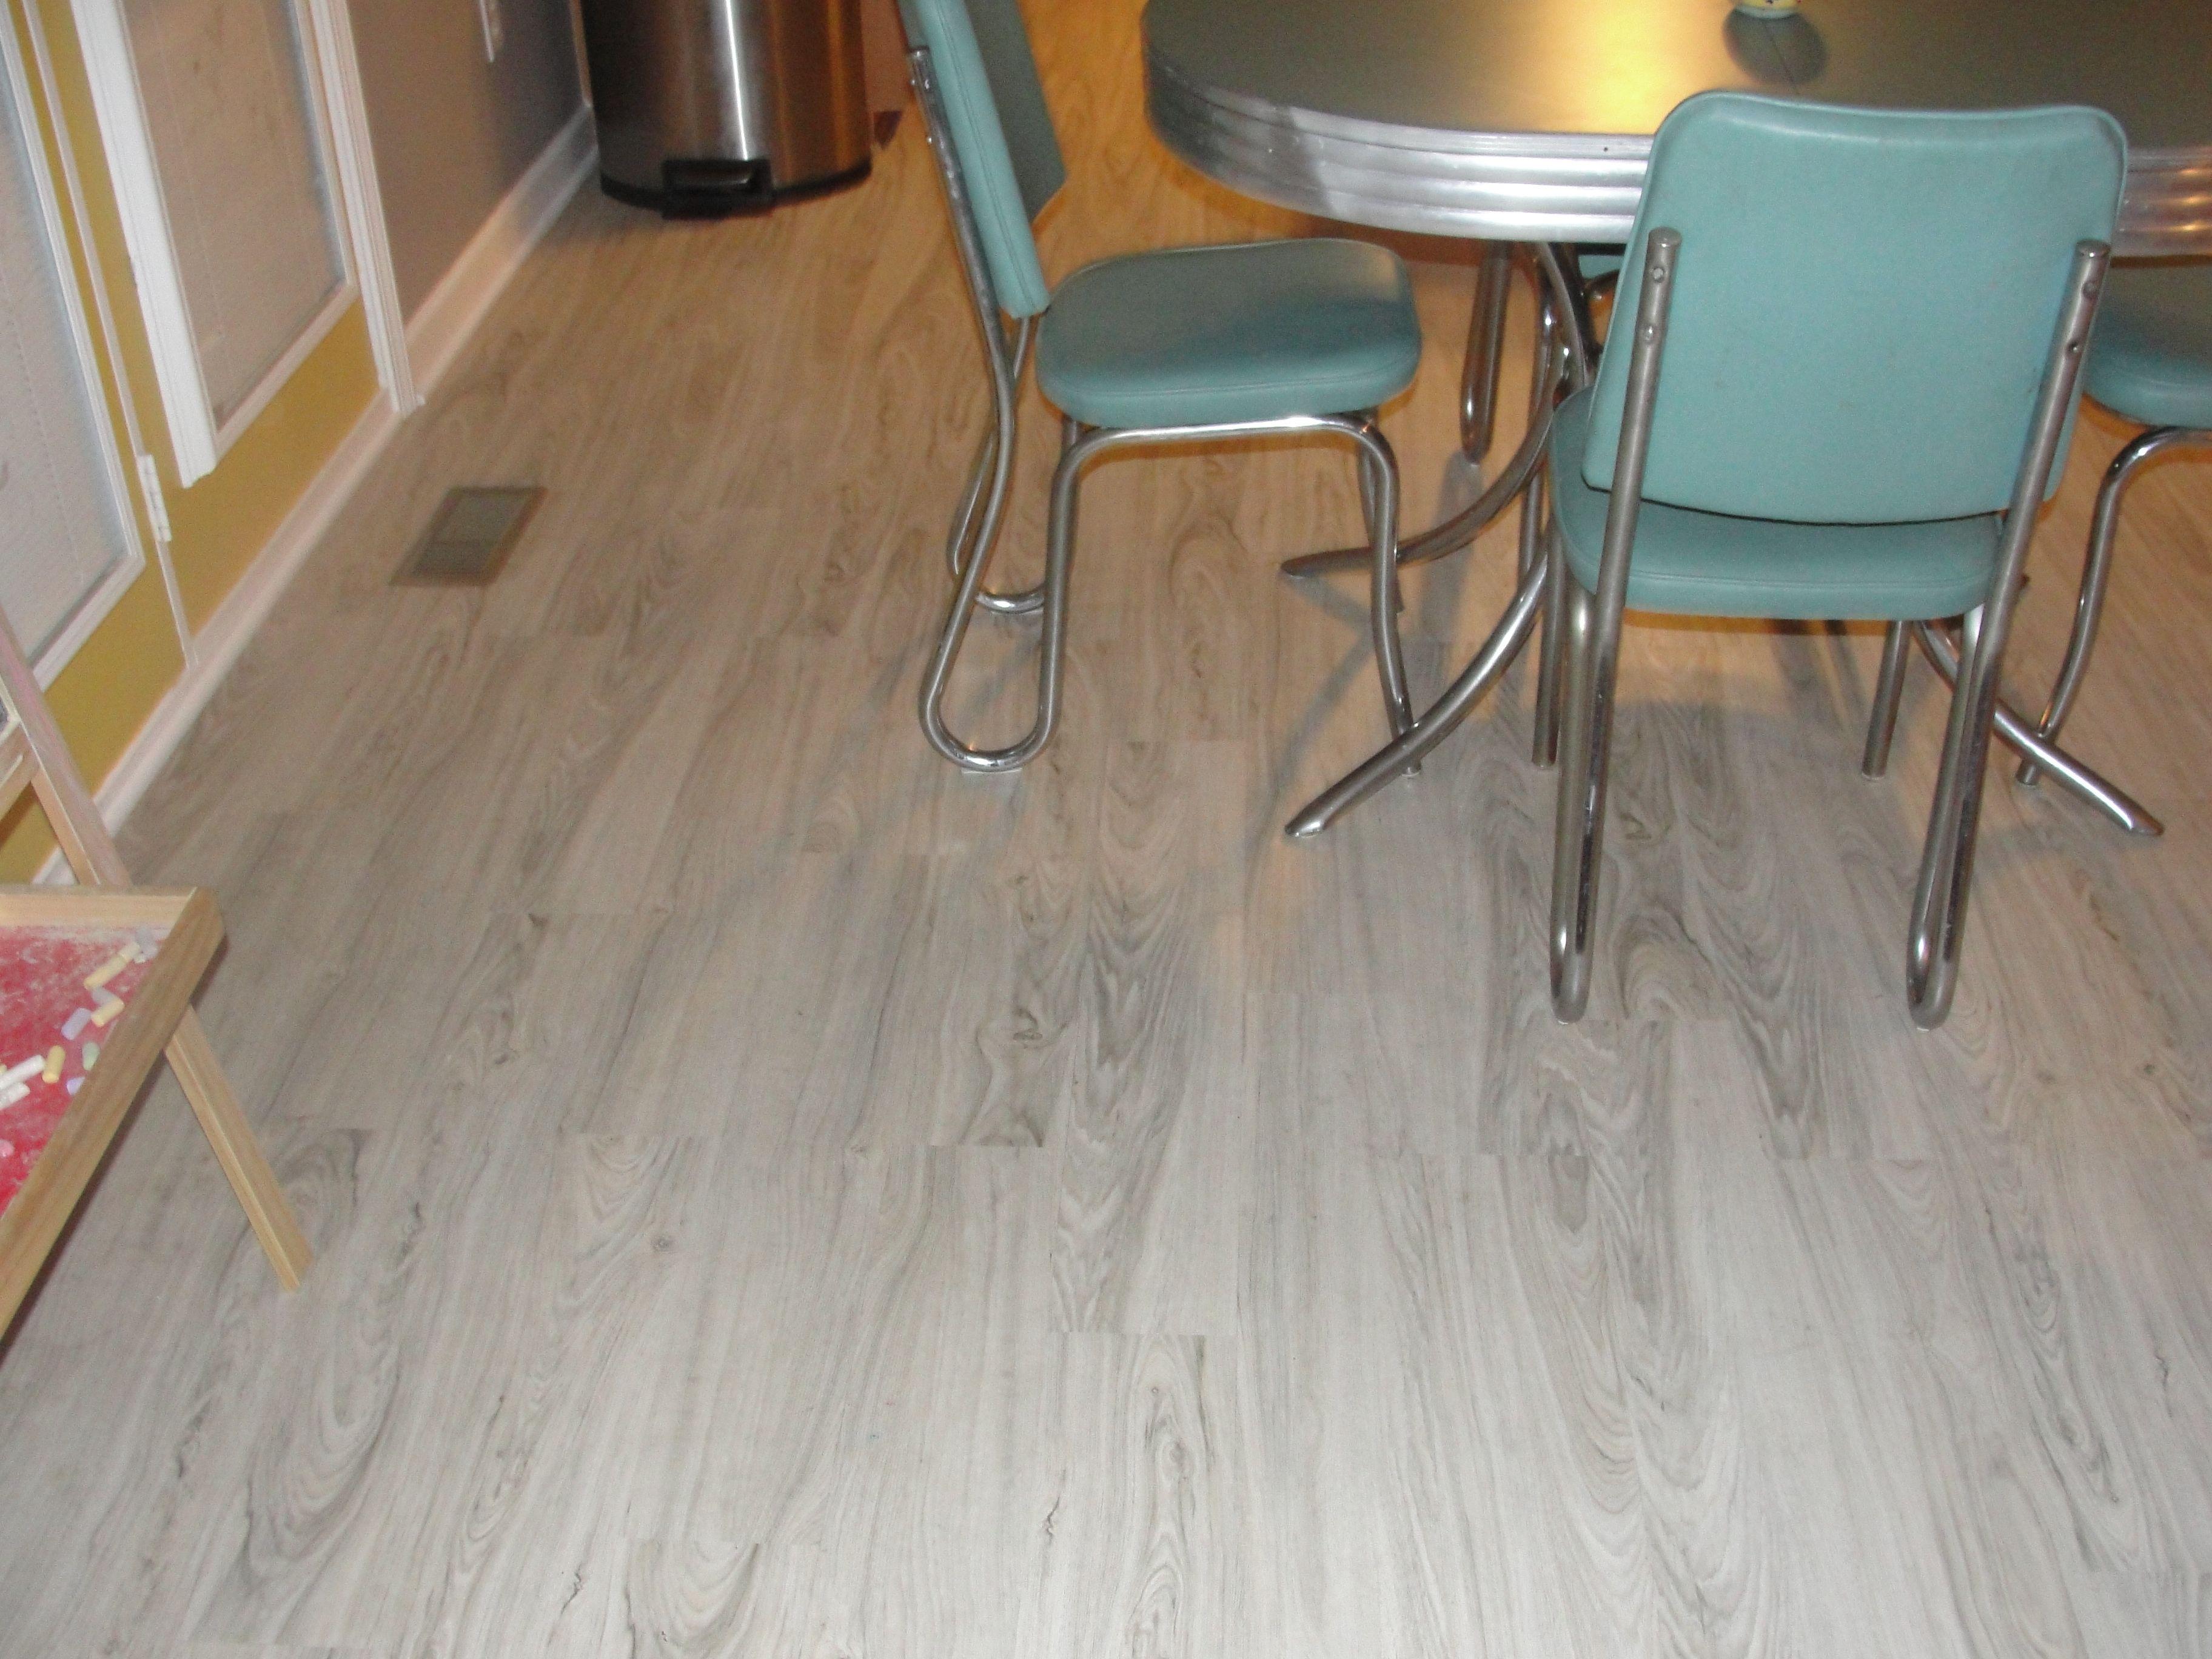 beeindruckend vinyl dielenboden für luxus wohn design ist sicherlich